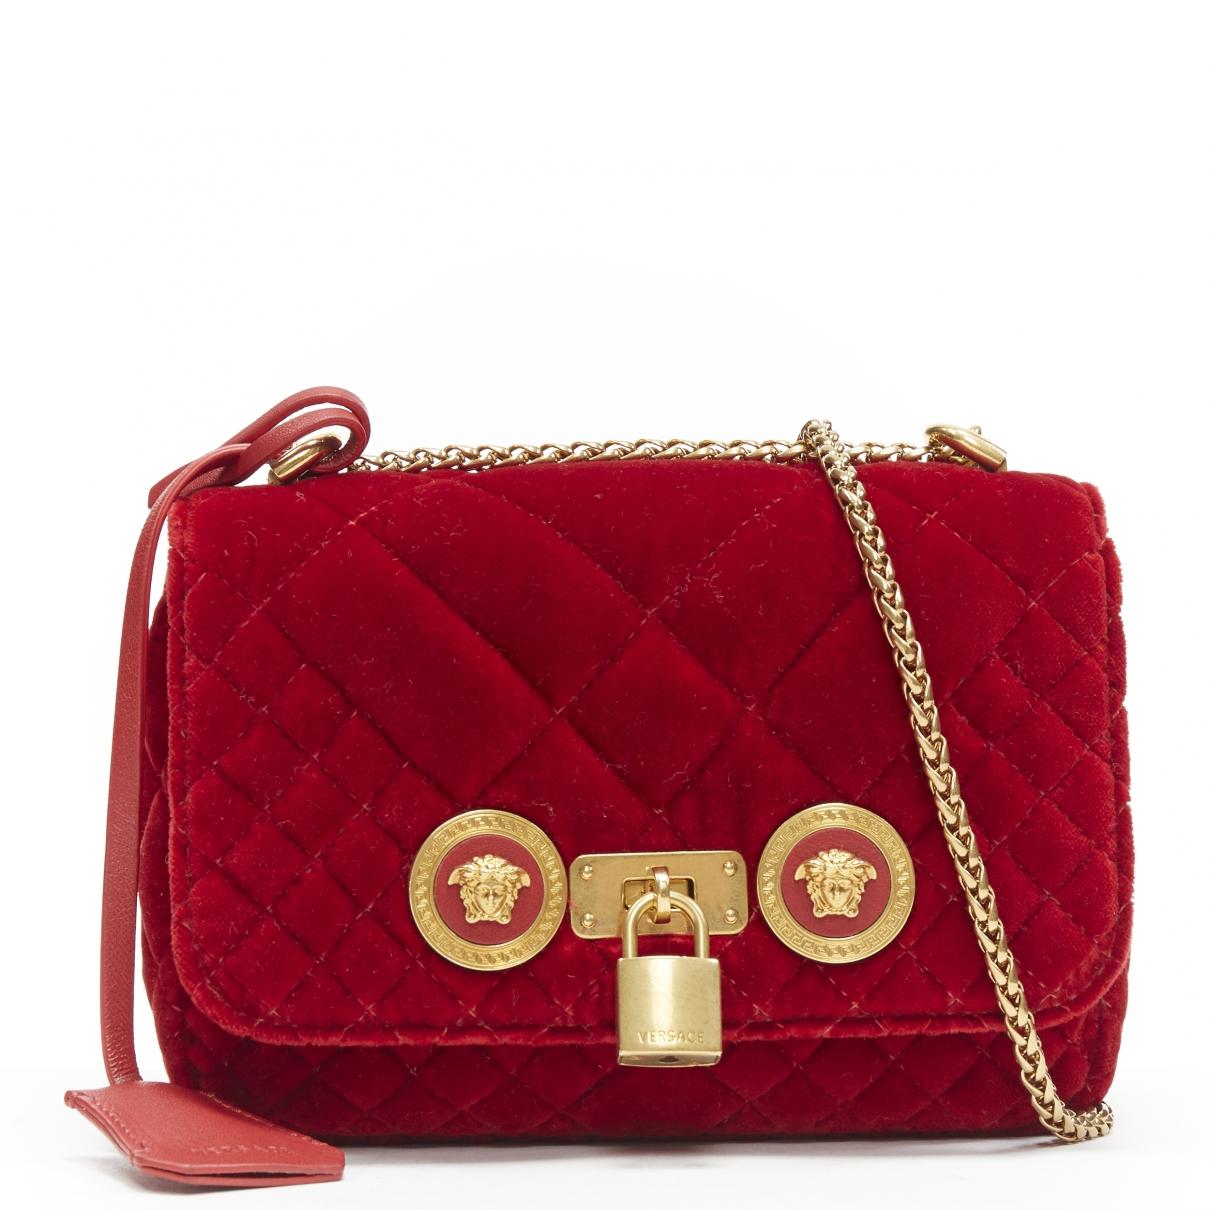 Versace \N Handtasche in  Rot Samt